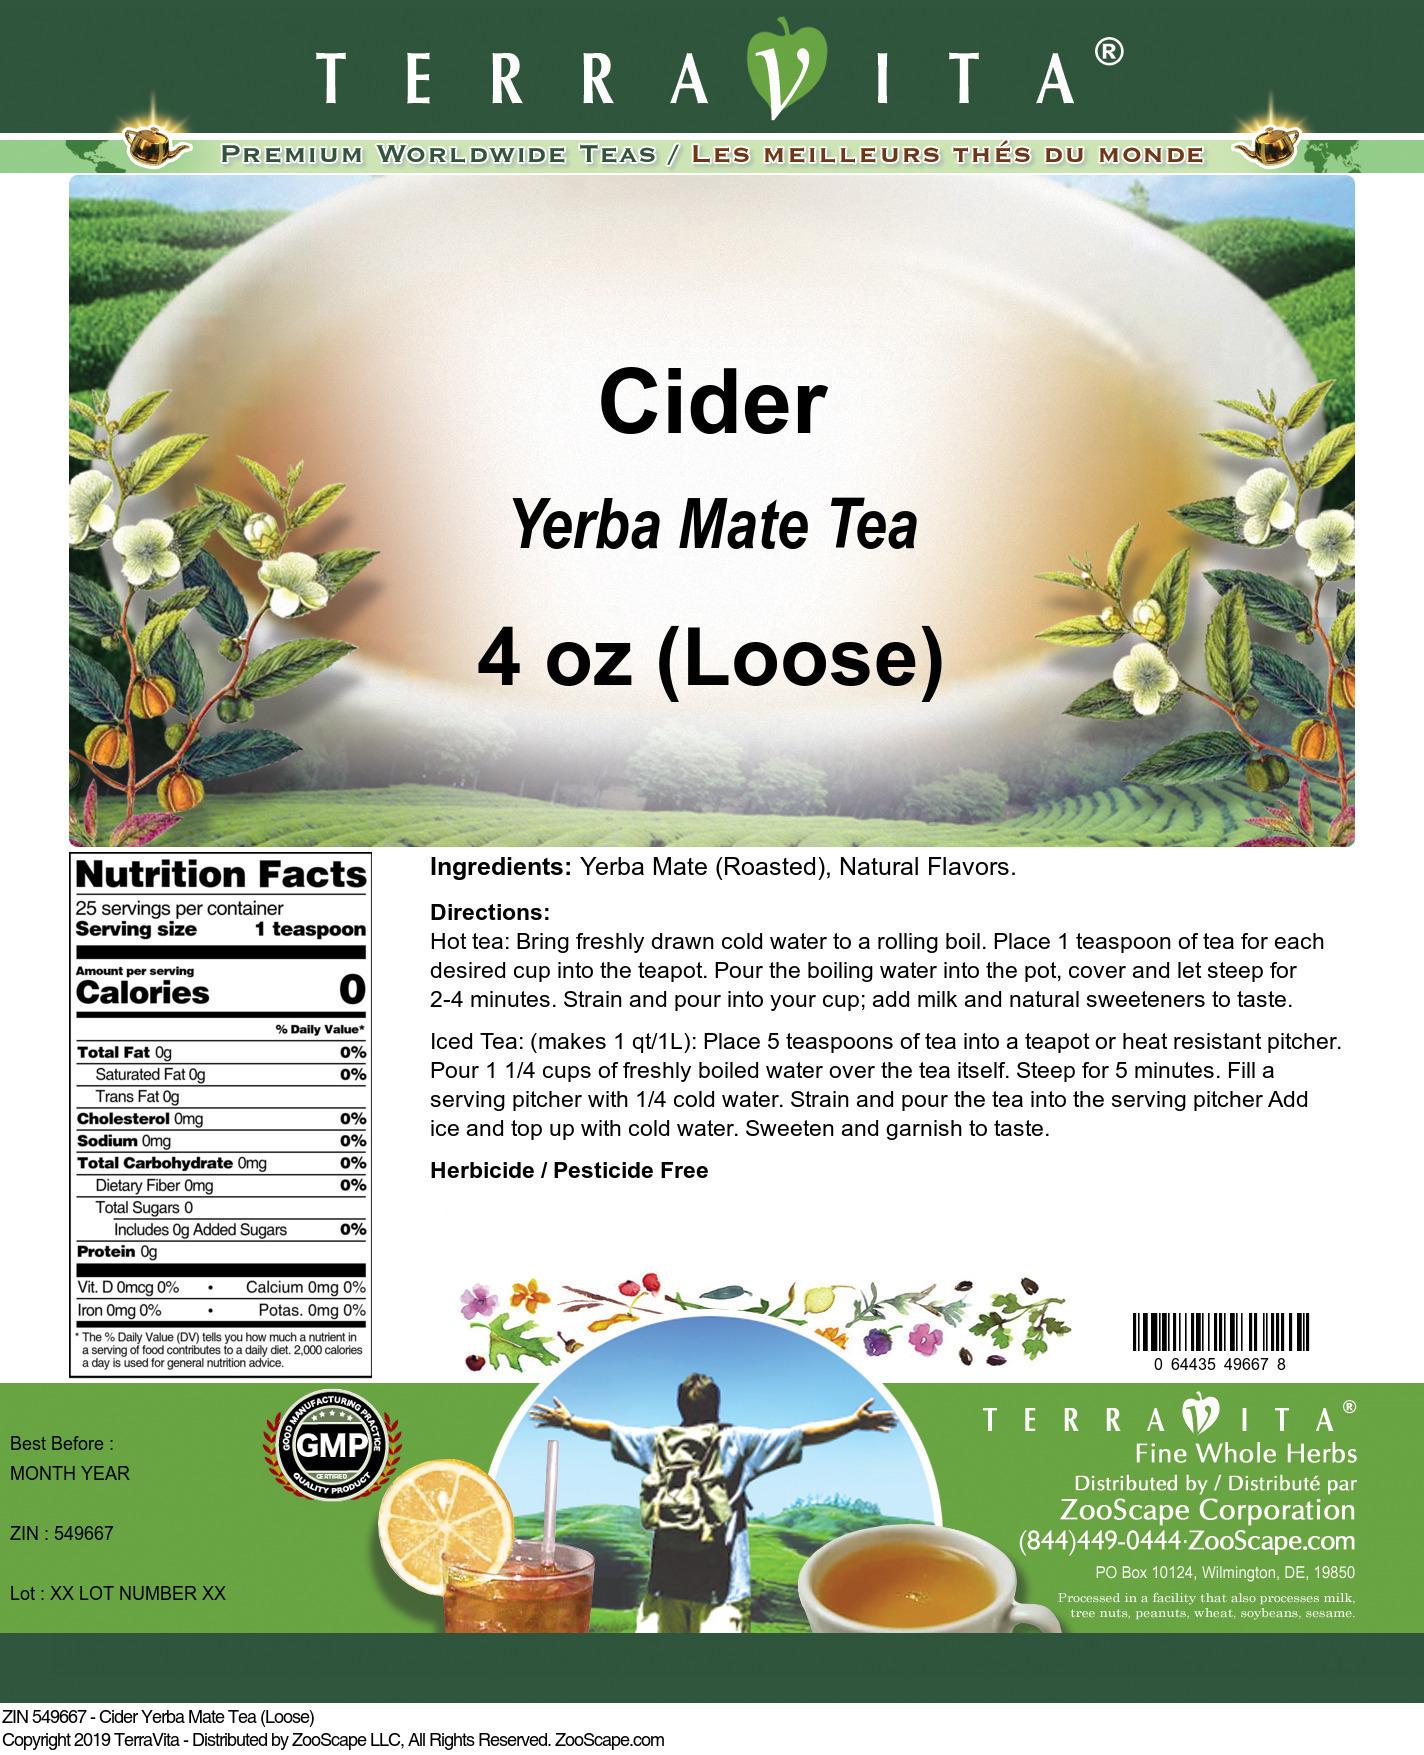 Cider Yerba Mate Tea (Loose)